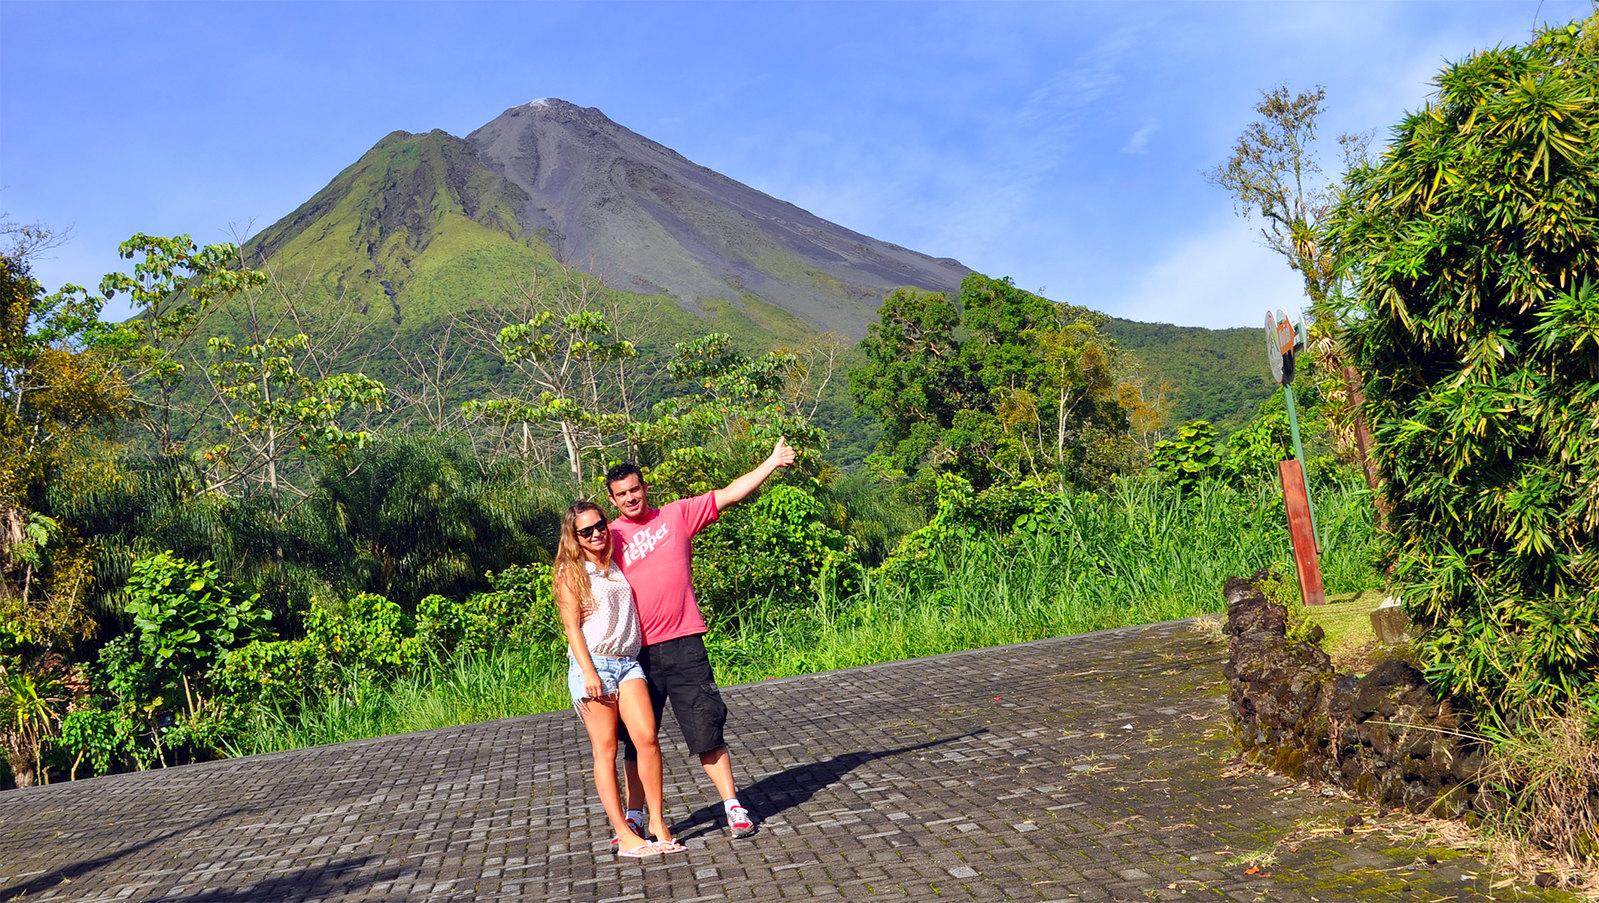 Viajar a Costa Rica / Ruta por Costa Rica en 3 semanas ruta por costa rica - 26473060739 68993d9f7c h - Ruta por Costa Rica en 3 semanas